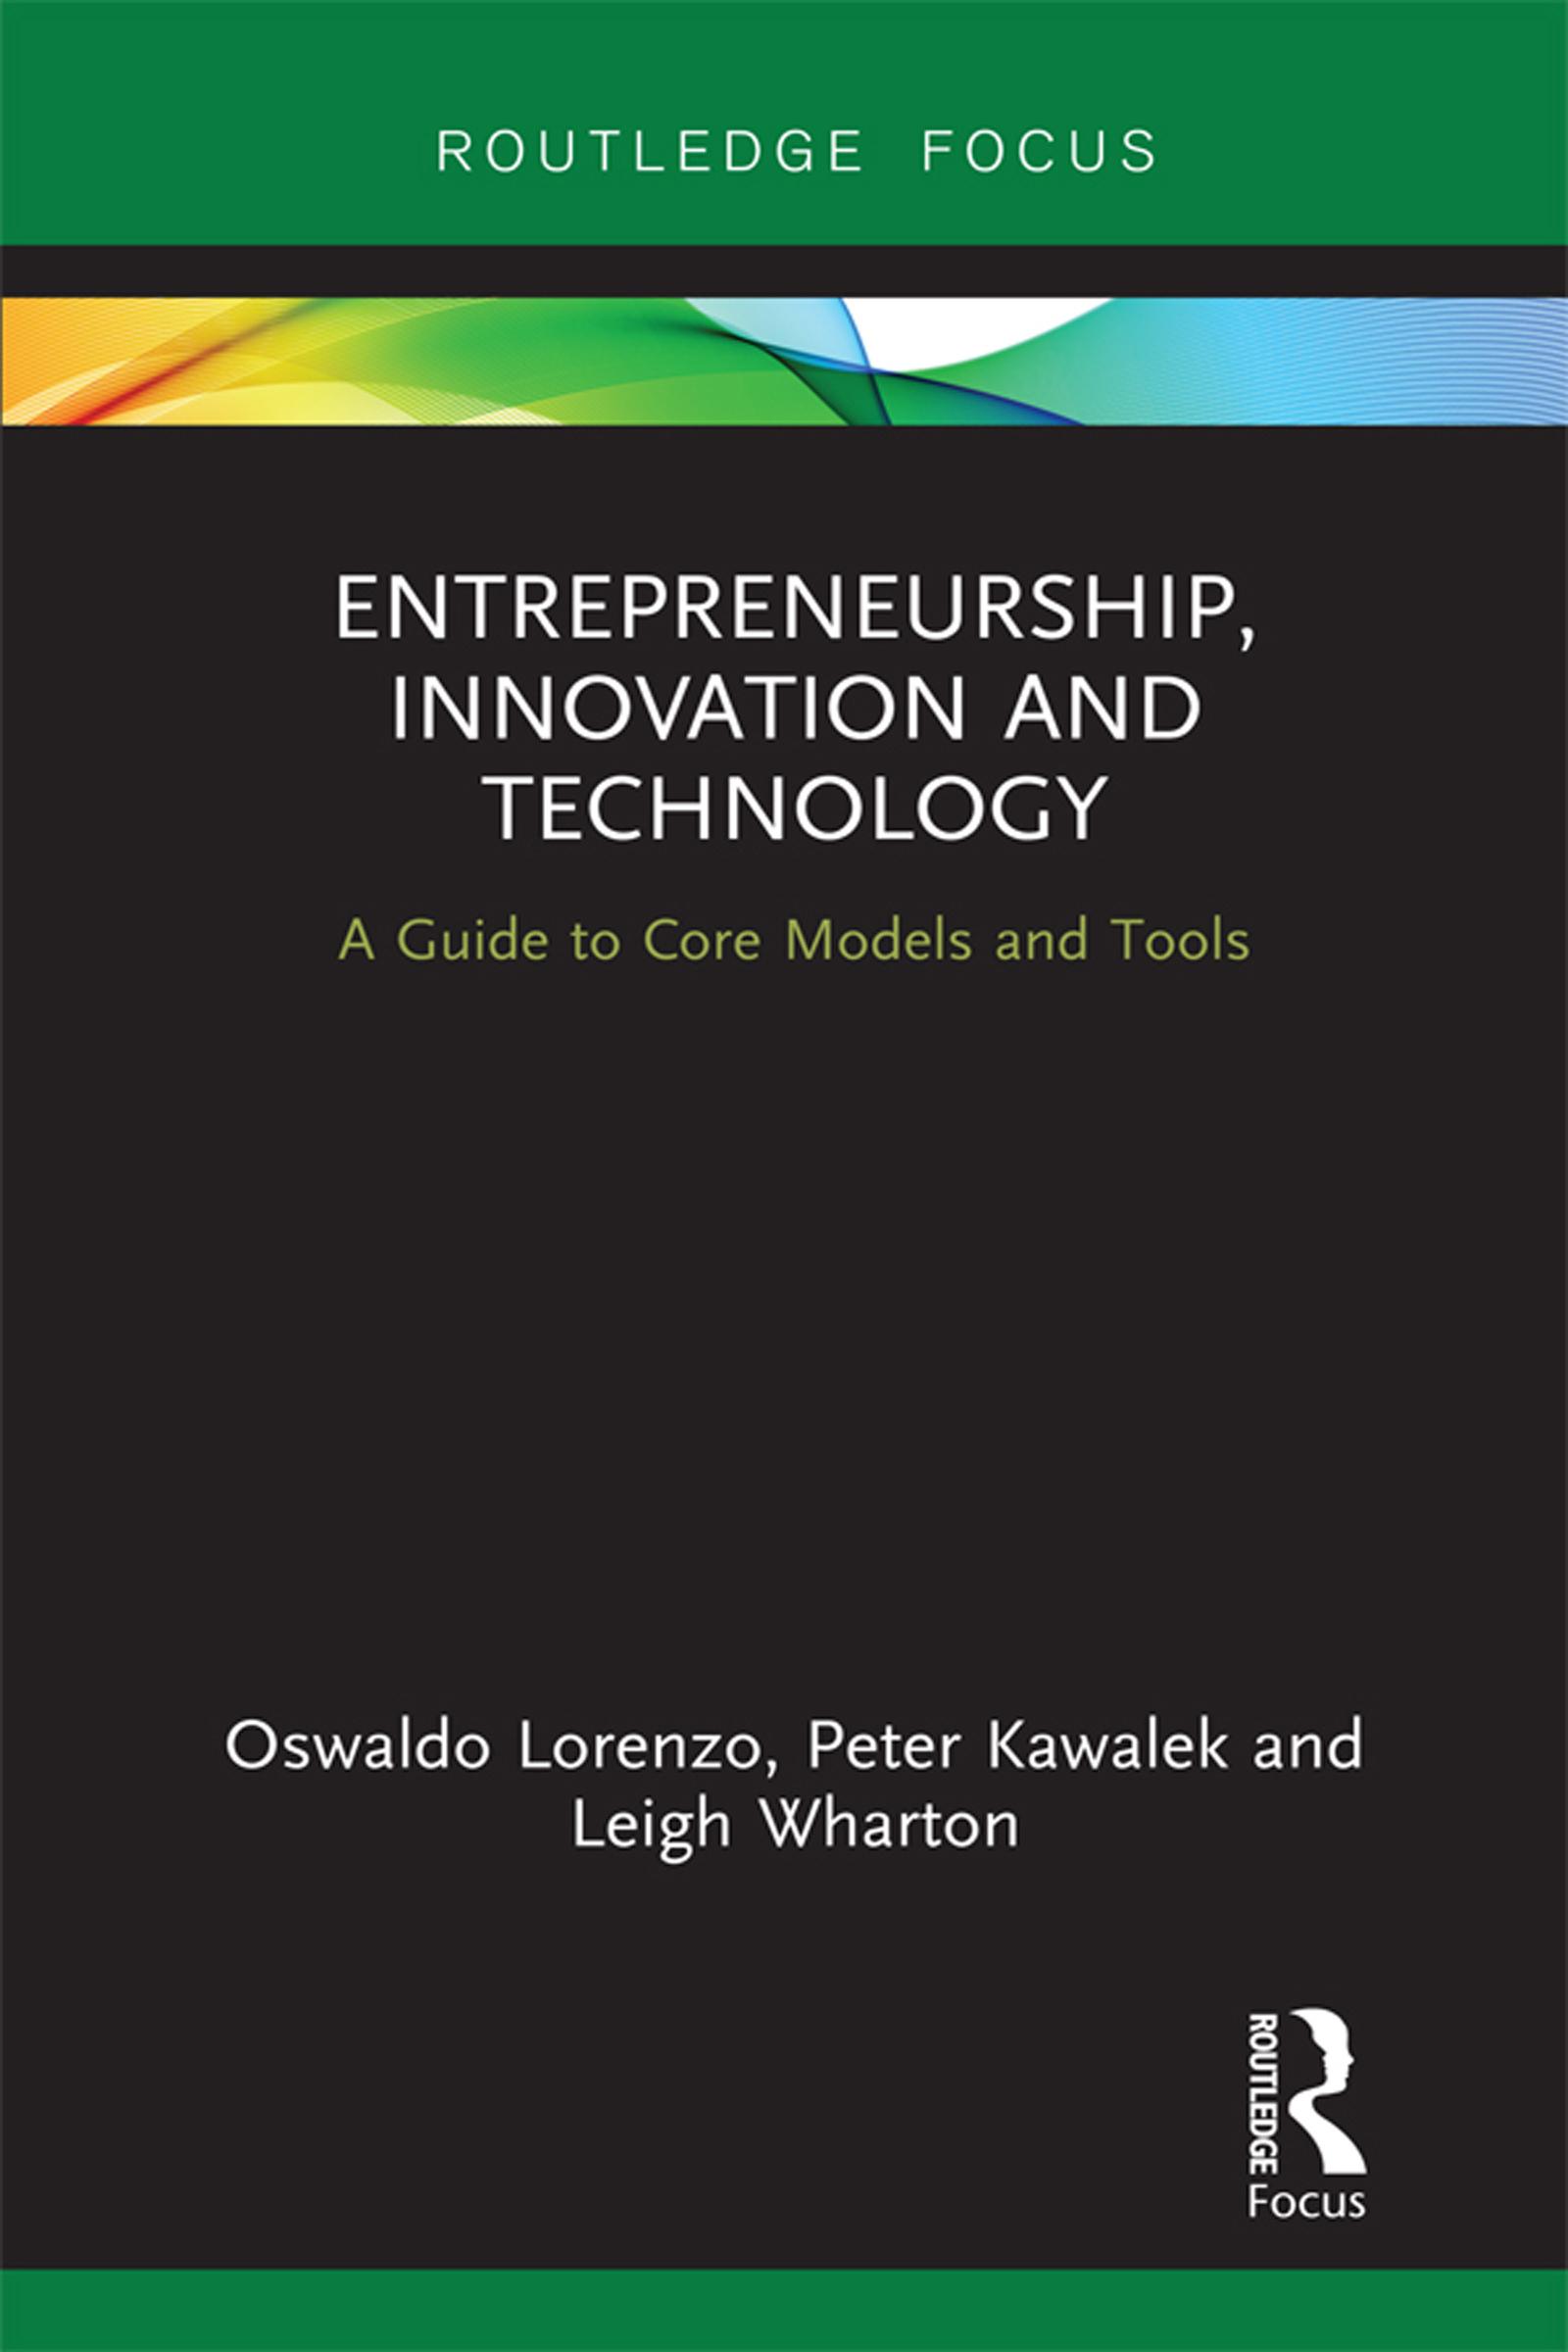 Entrepreneurship, Innovation and Technology